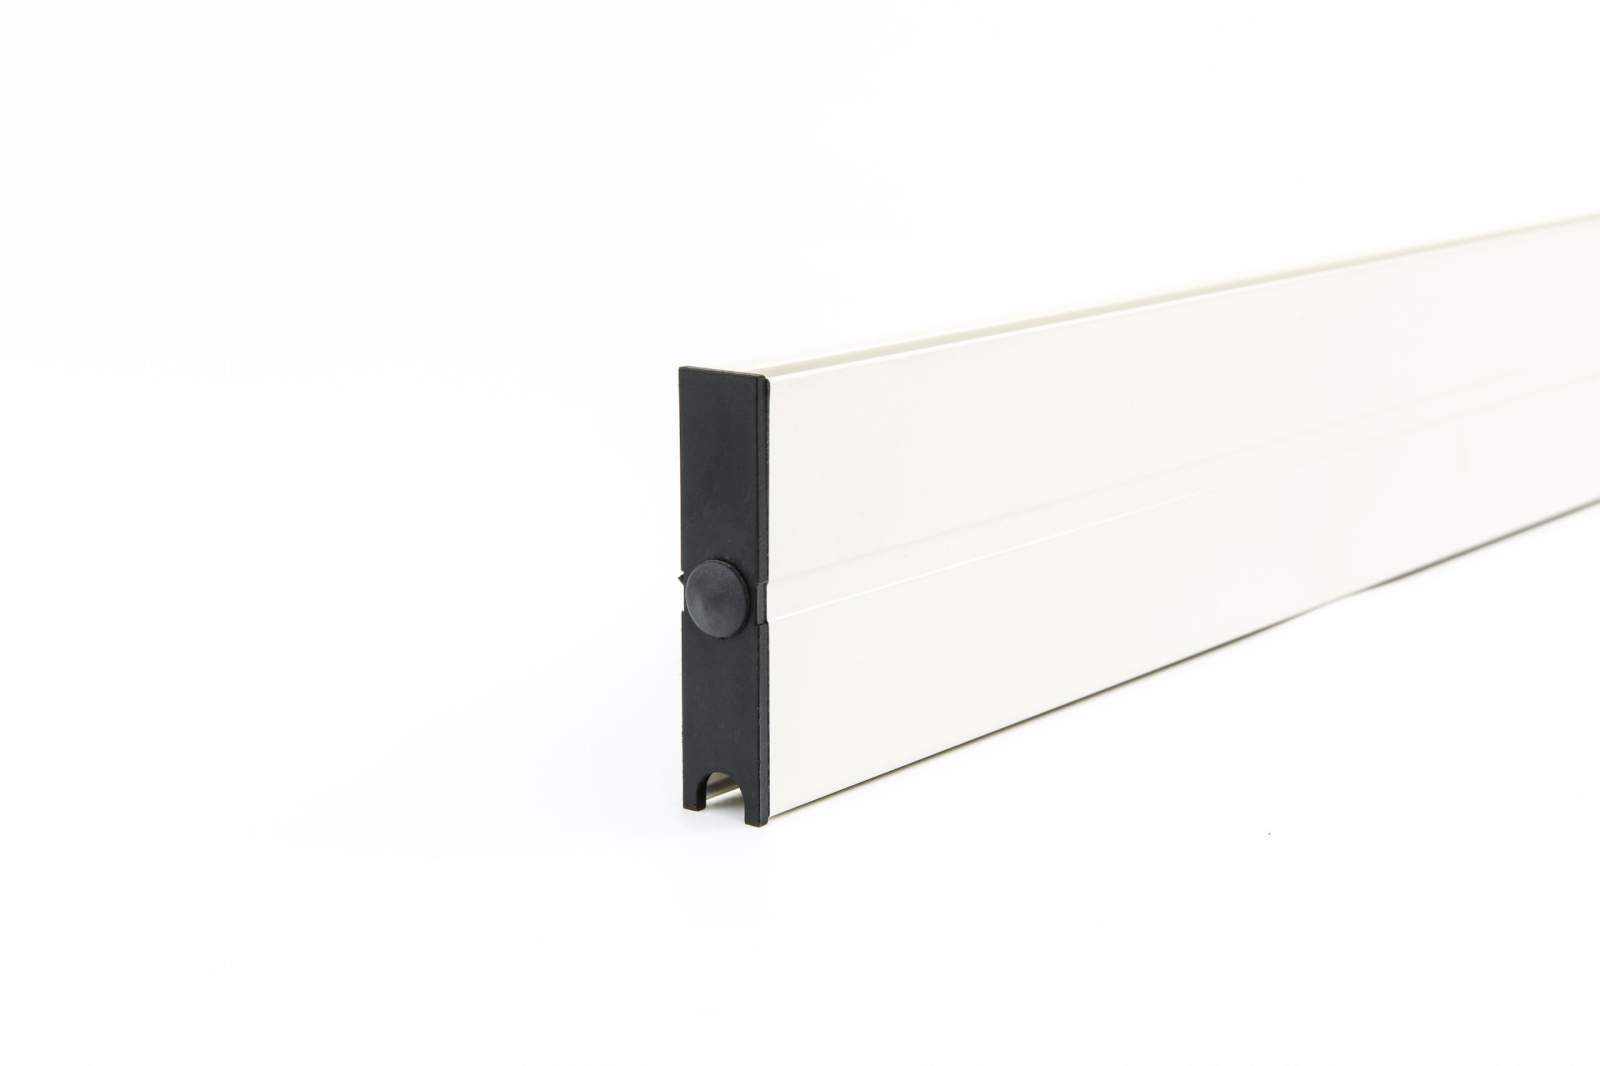 6-rail glazen schuifwand crèmewit van 588 cm breed met een totale hoogte van 200 cm